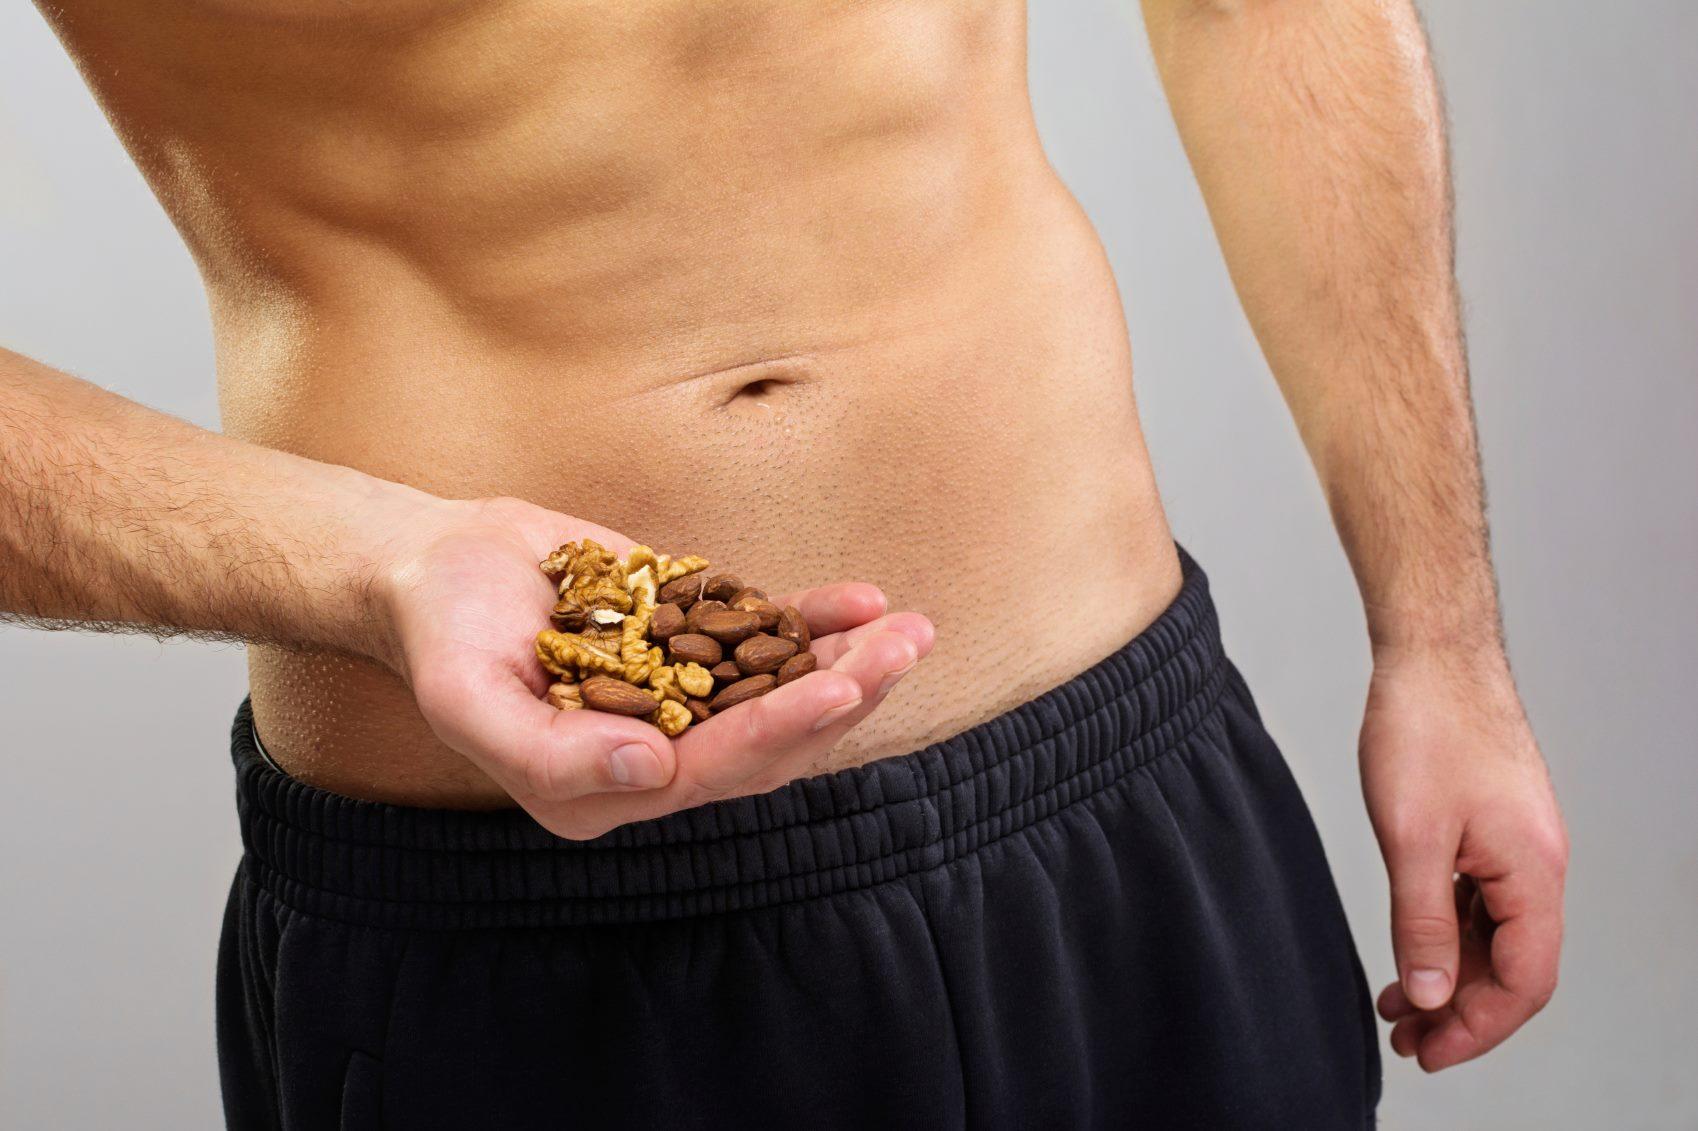 Грецкие орехи с медом для мужчин: рецепт для потенции, как приготовить